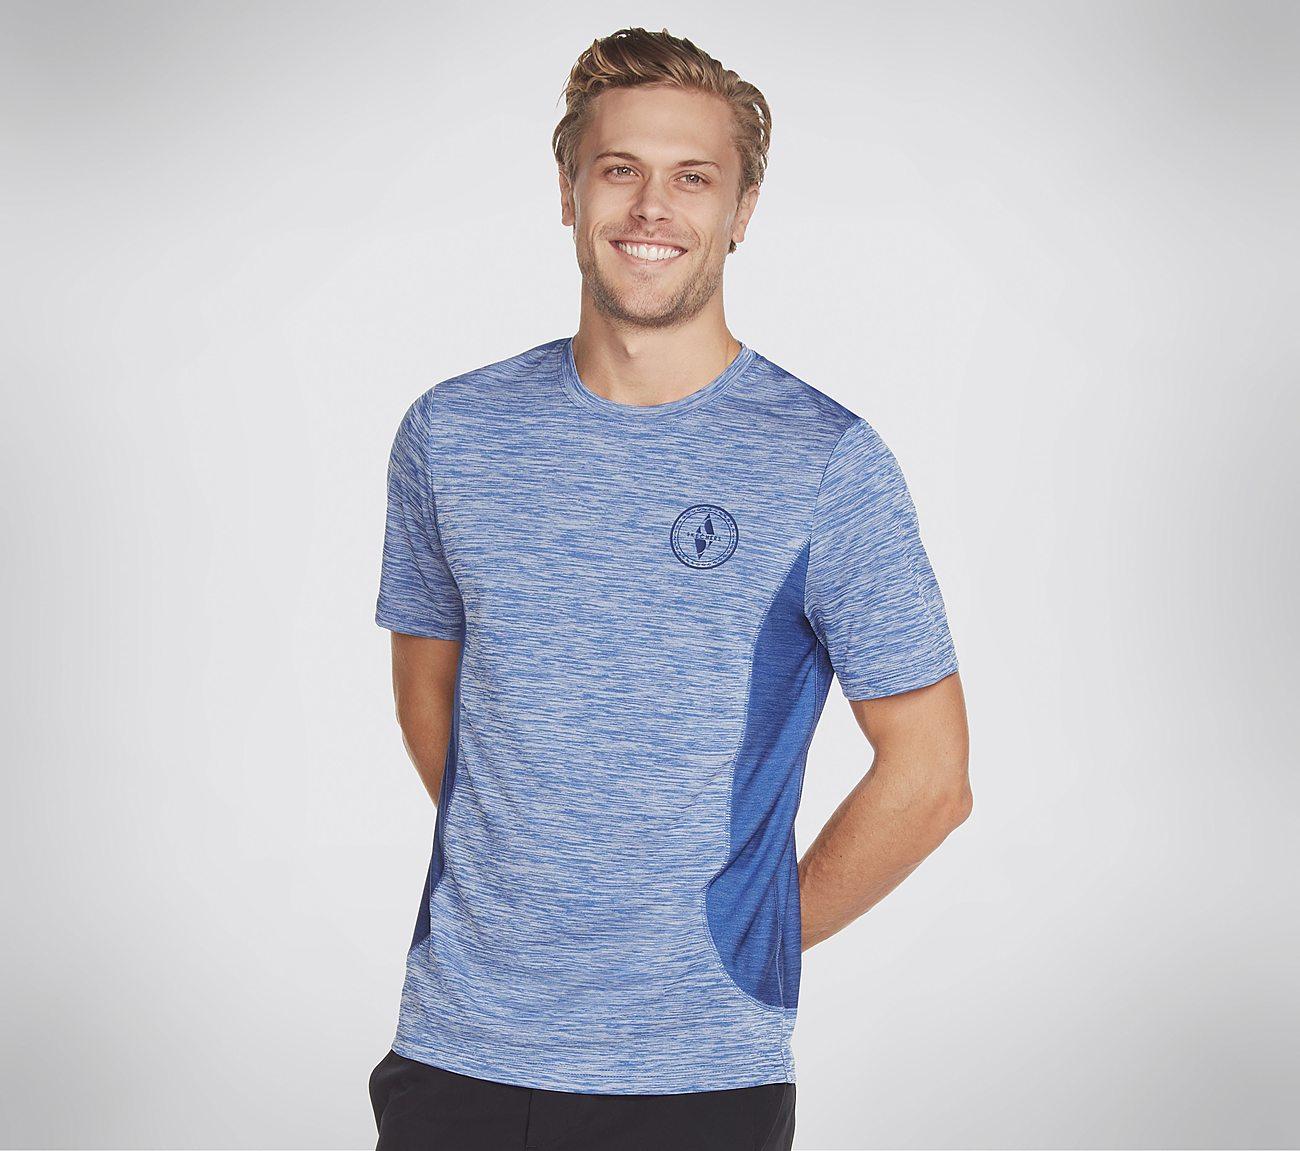 Range Short Sleeve Tech Tee Shirt